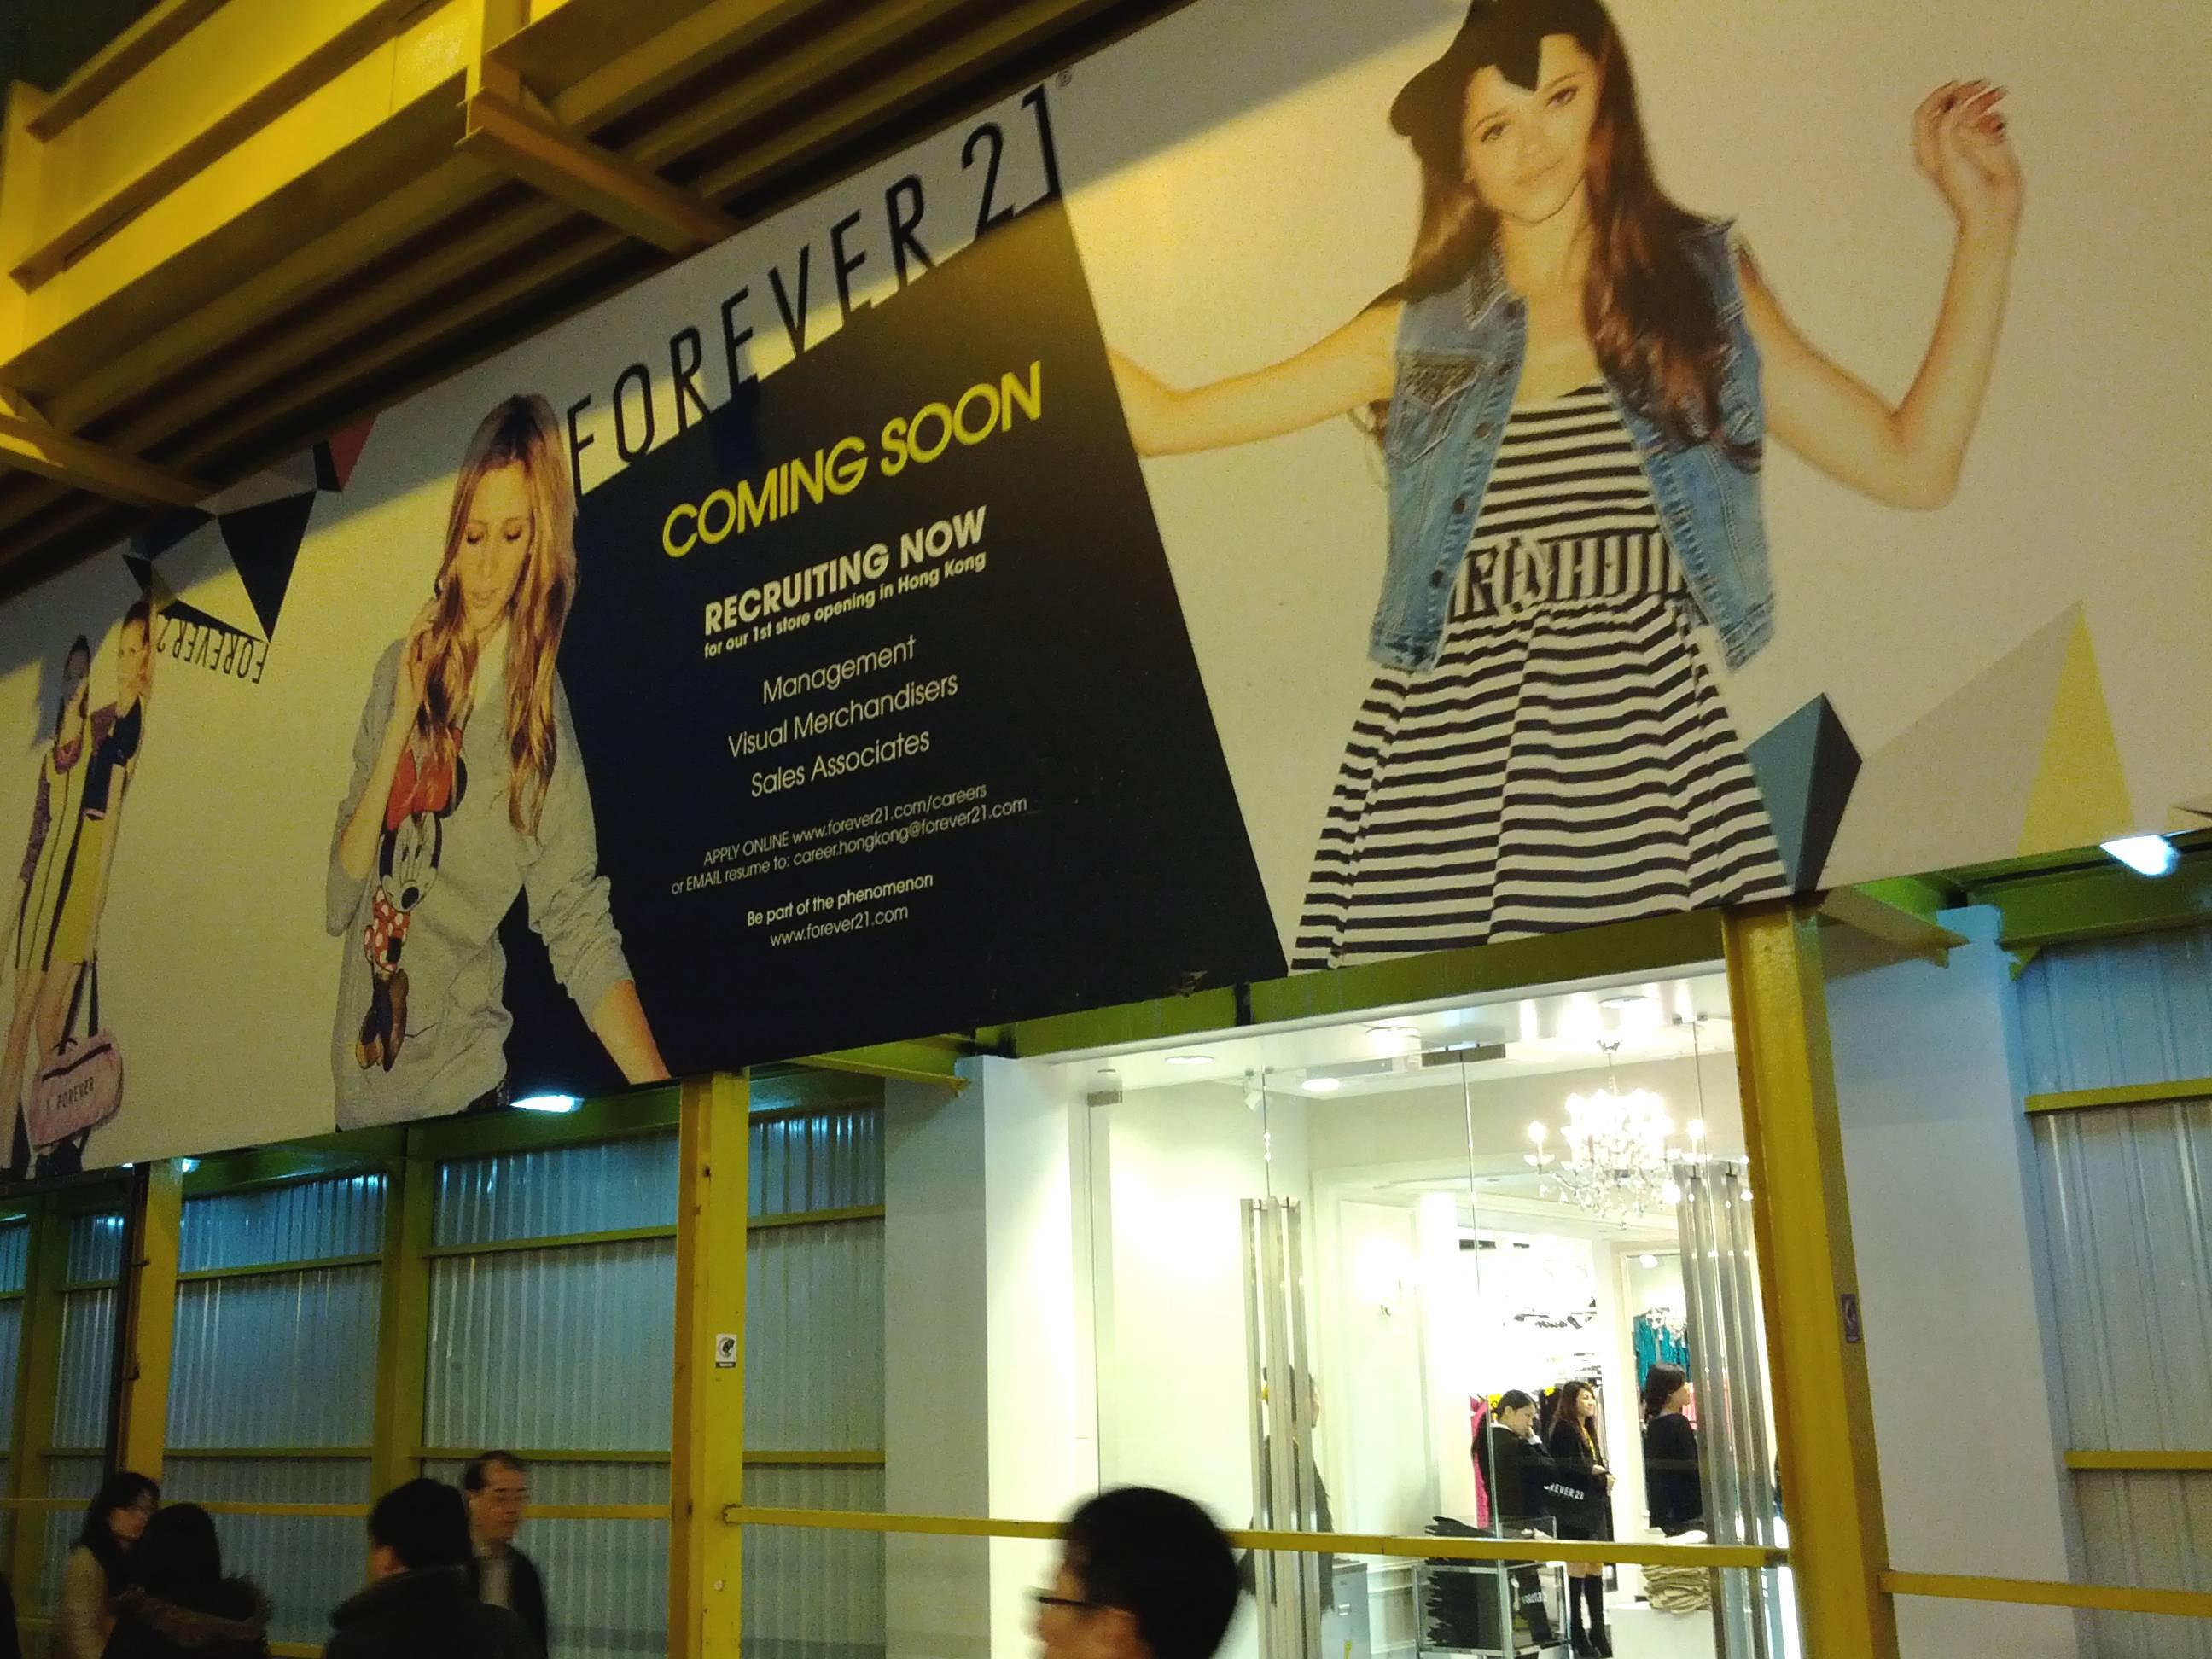 開幕前現場店內直擊!美國時尚服裝品牌「FOREVER 21」香港首間分店,1月18日開幕啦! | MY PACE TRAVEL